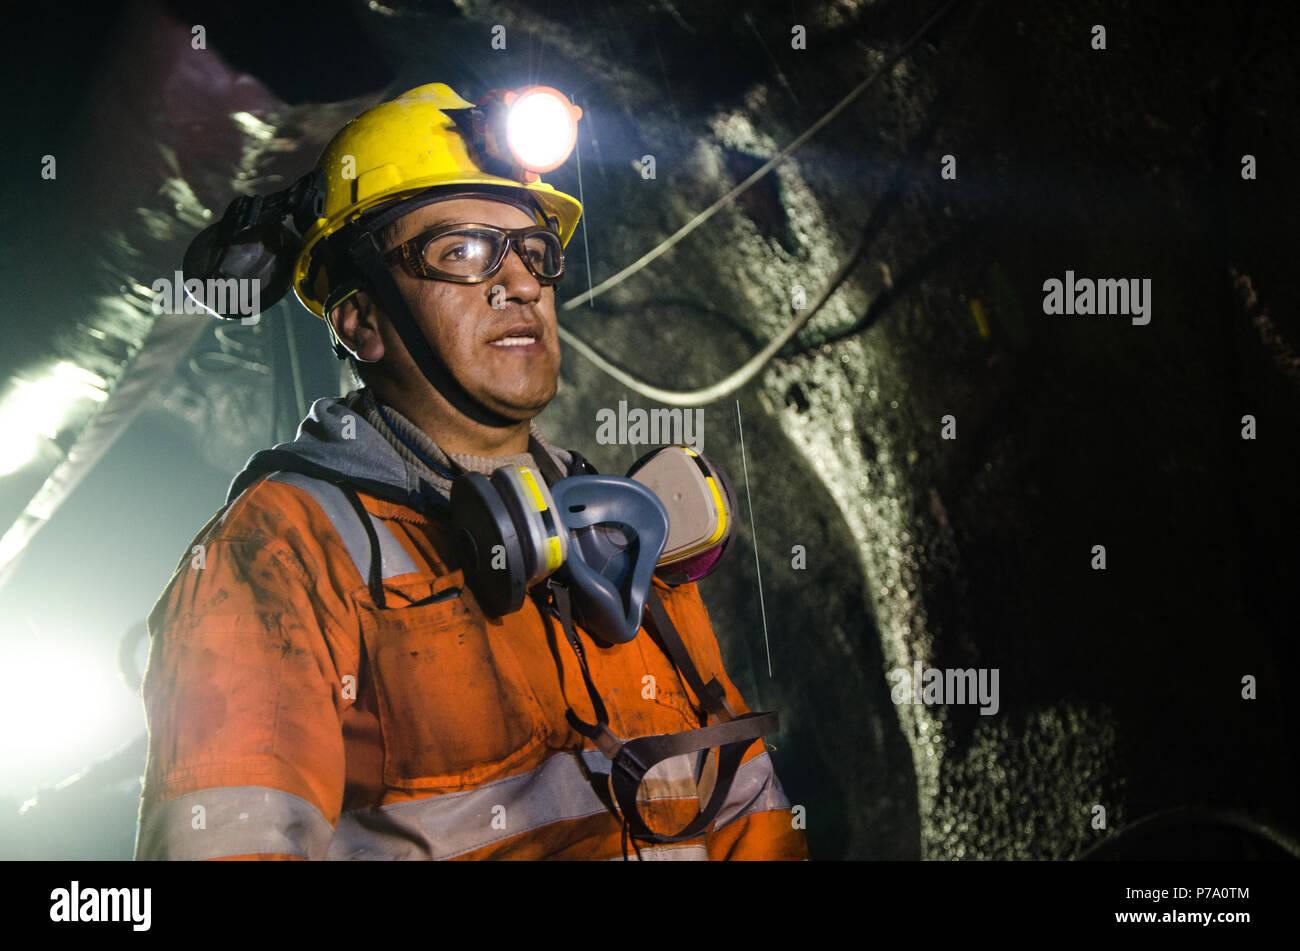 Cerro de Pasco, Peru - 14. Juli 2017: Bergarbeiter in der Grube. Bergmann im Bergwerk auch Uniformierte mit einem Blick des Vertrauens. Stockbild